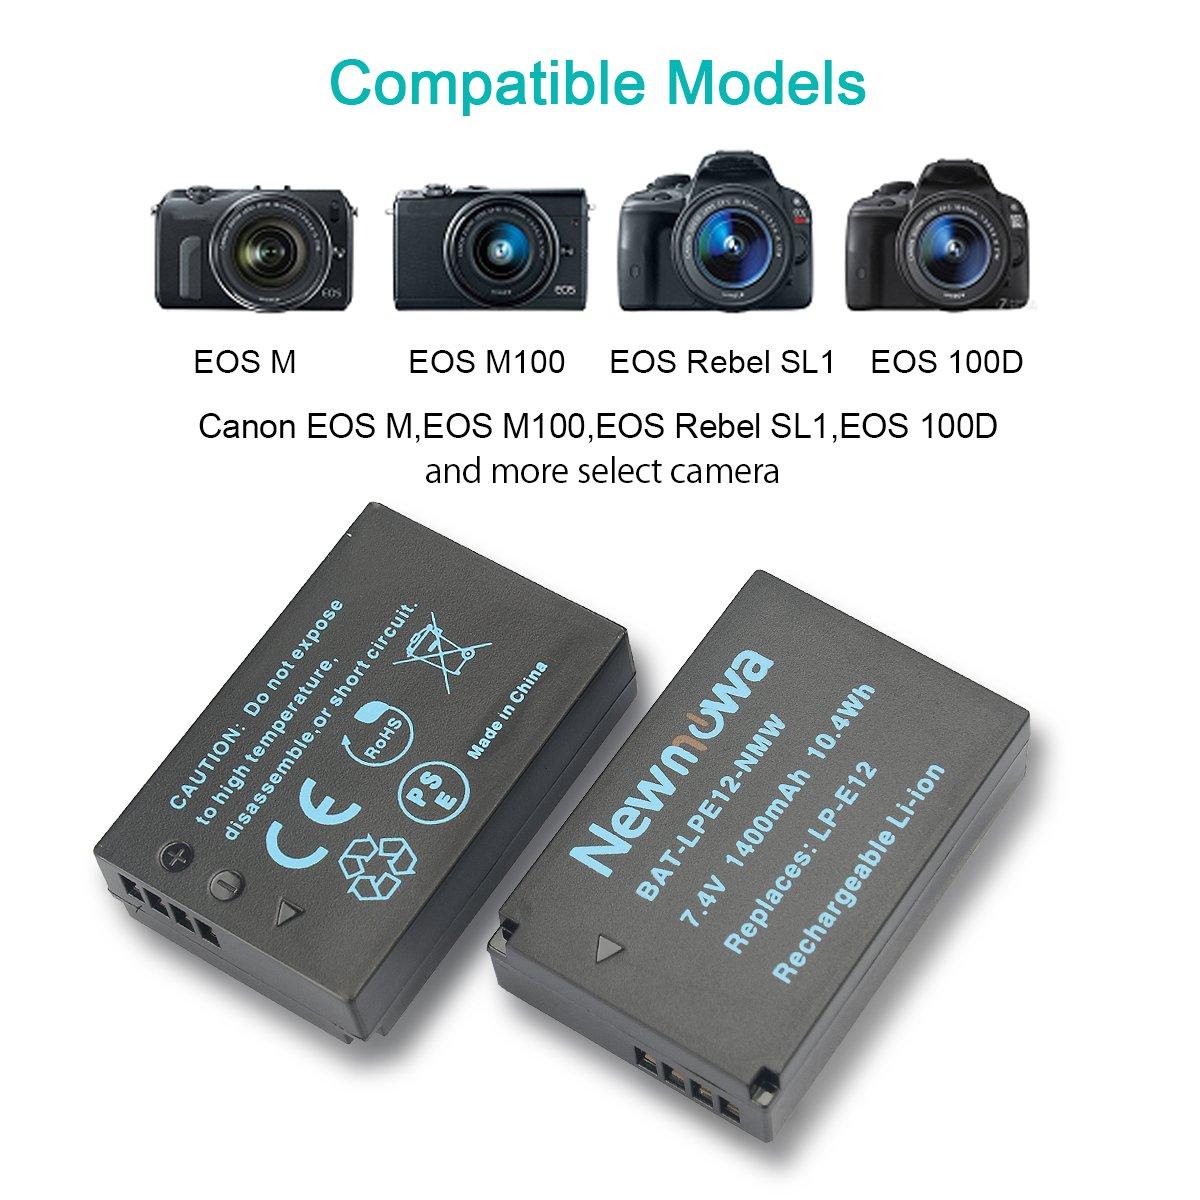 Reemplazo de la batería 7.2V 875mAh LP-E12 para Canon EOS M50 M2 M100 M10 100D M